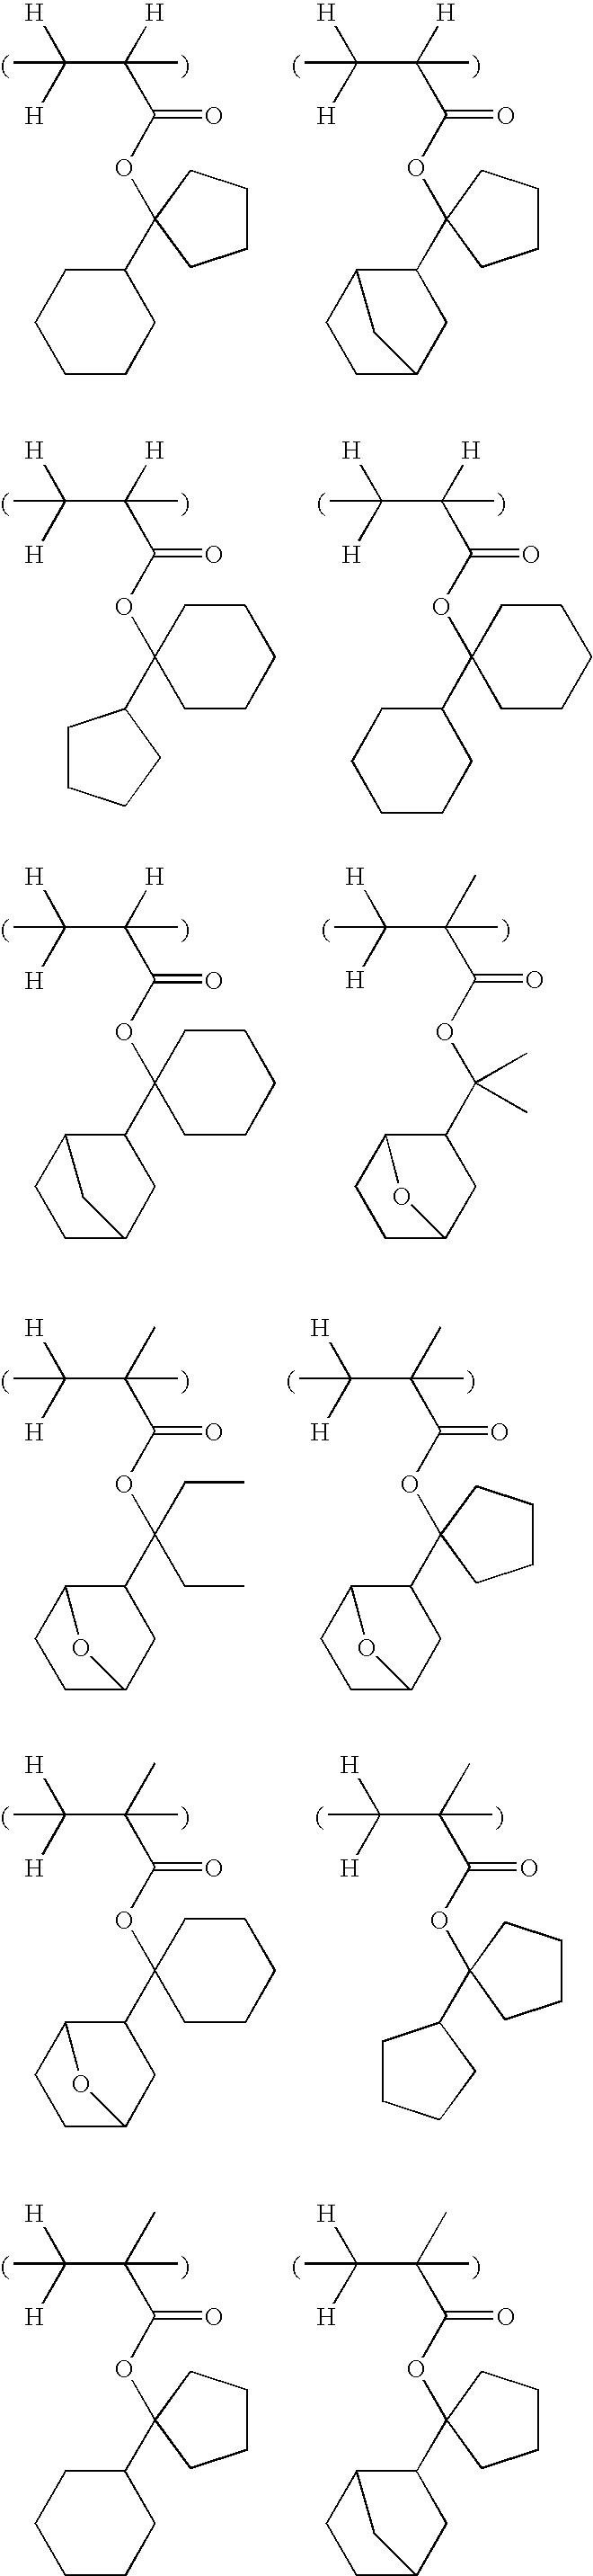 Figure US20090011365A1-20090108-C00065